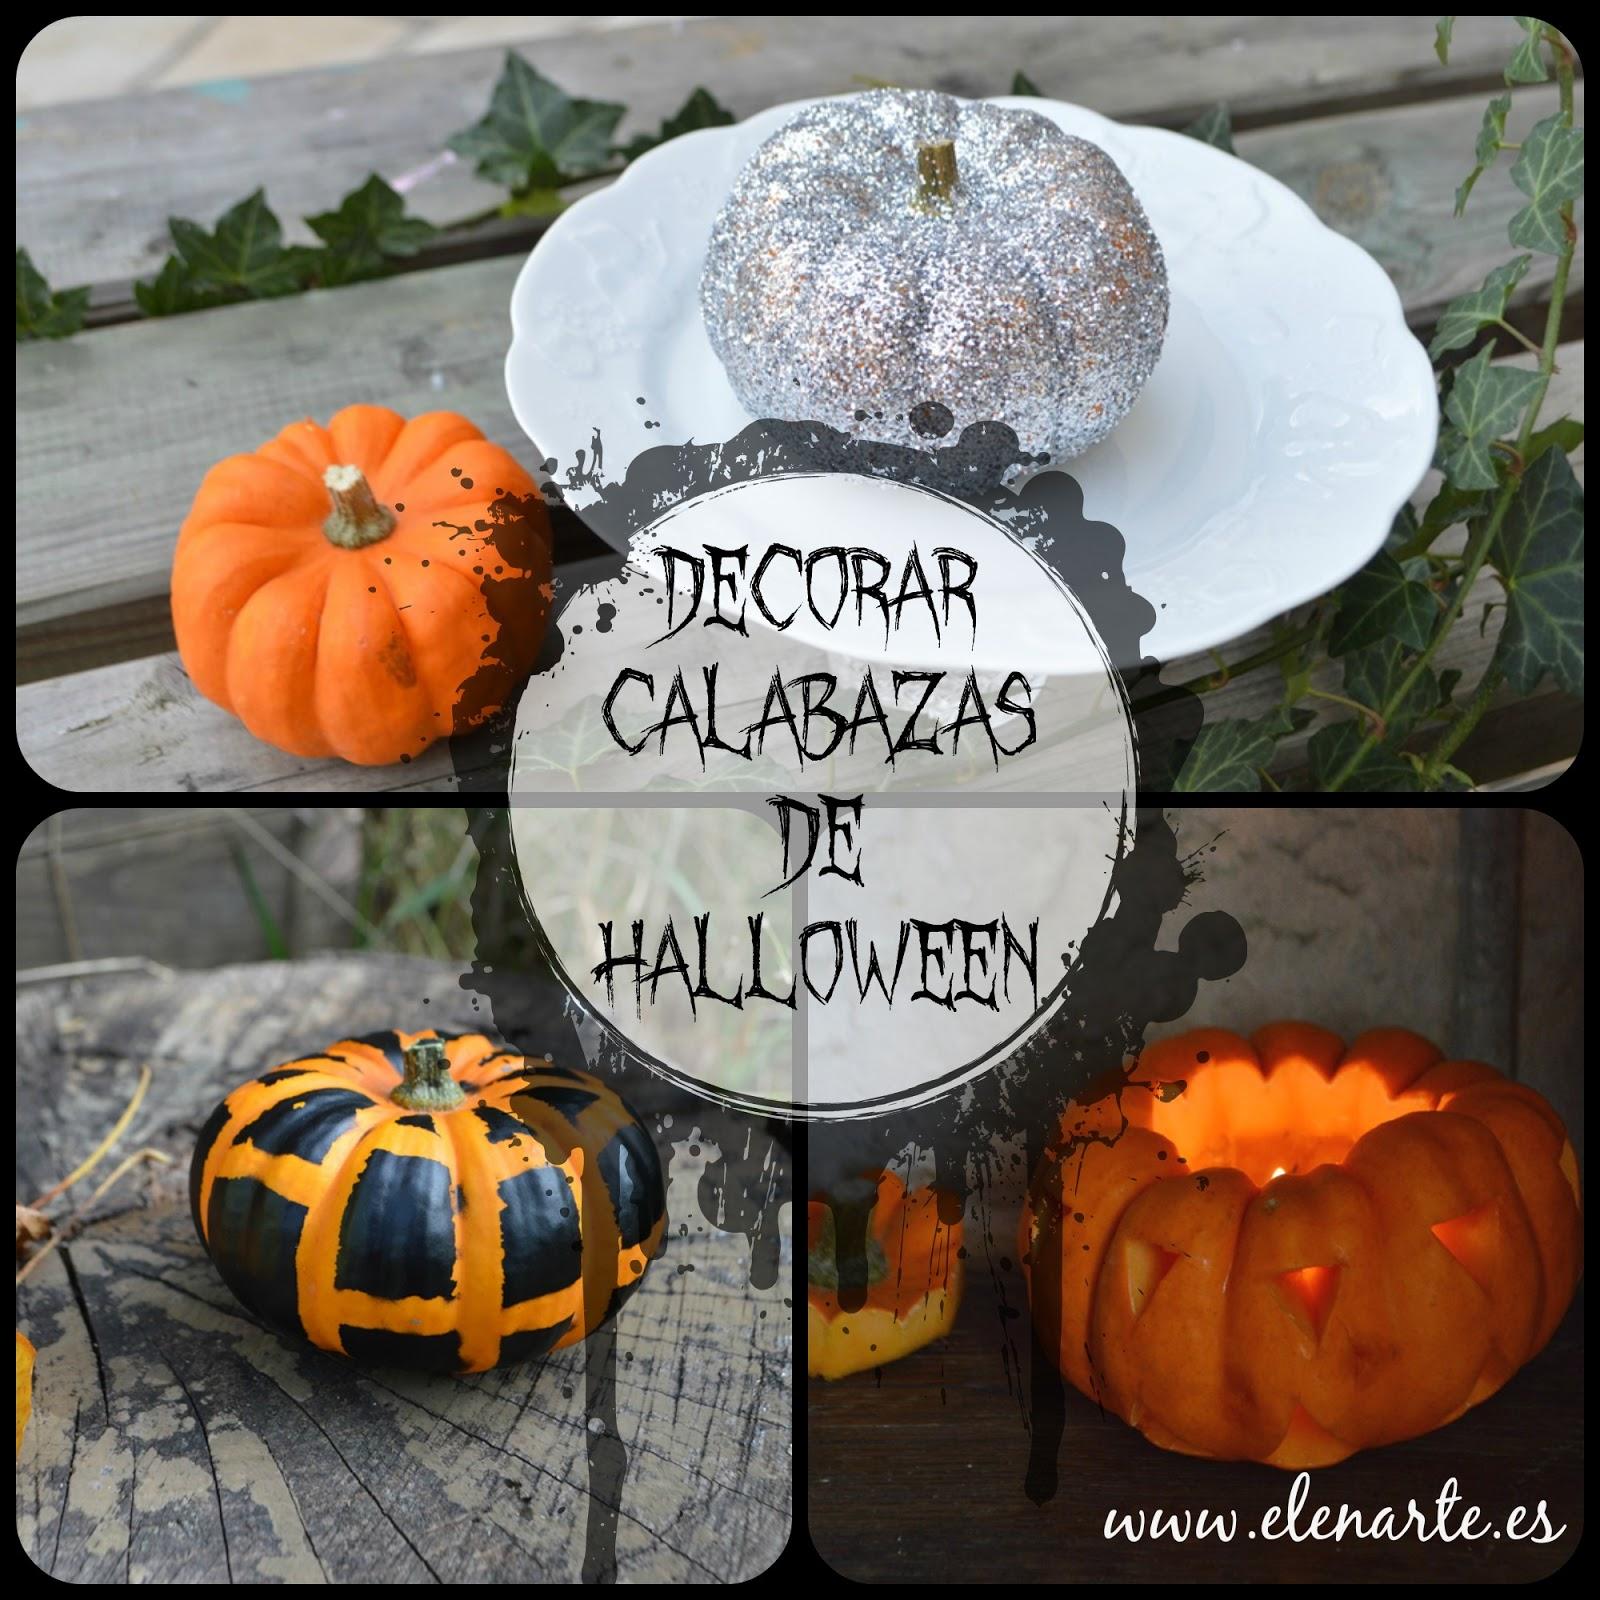 Decorar calabazas de Halloween